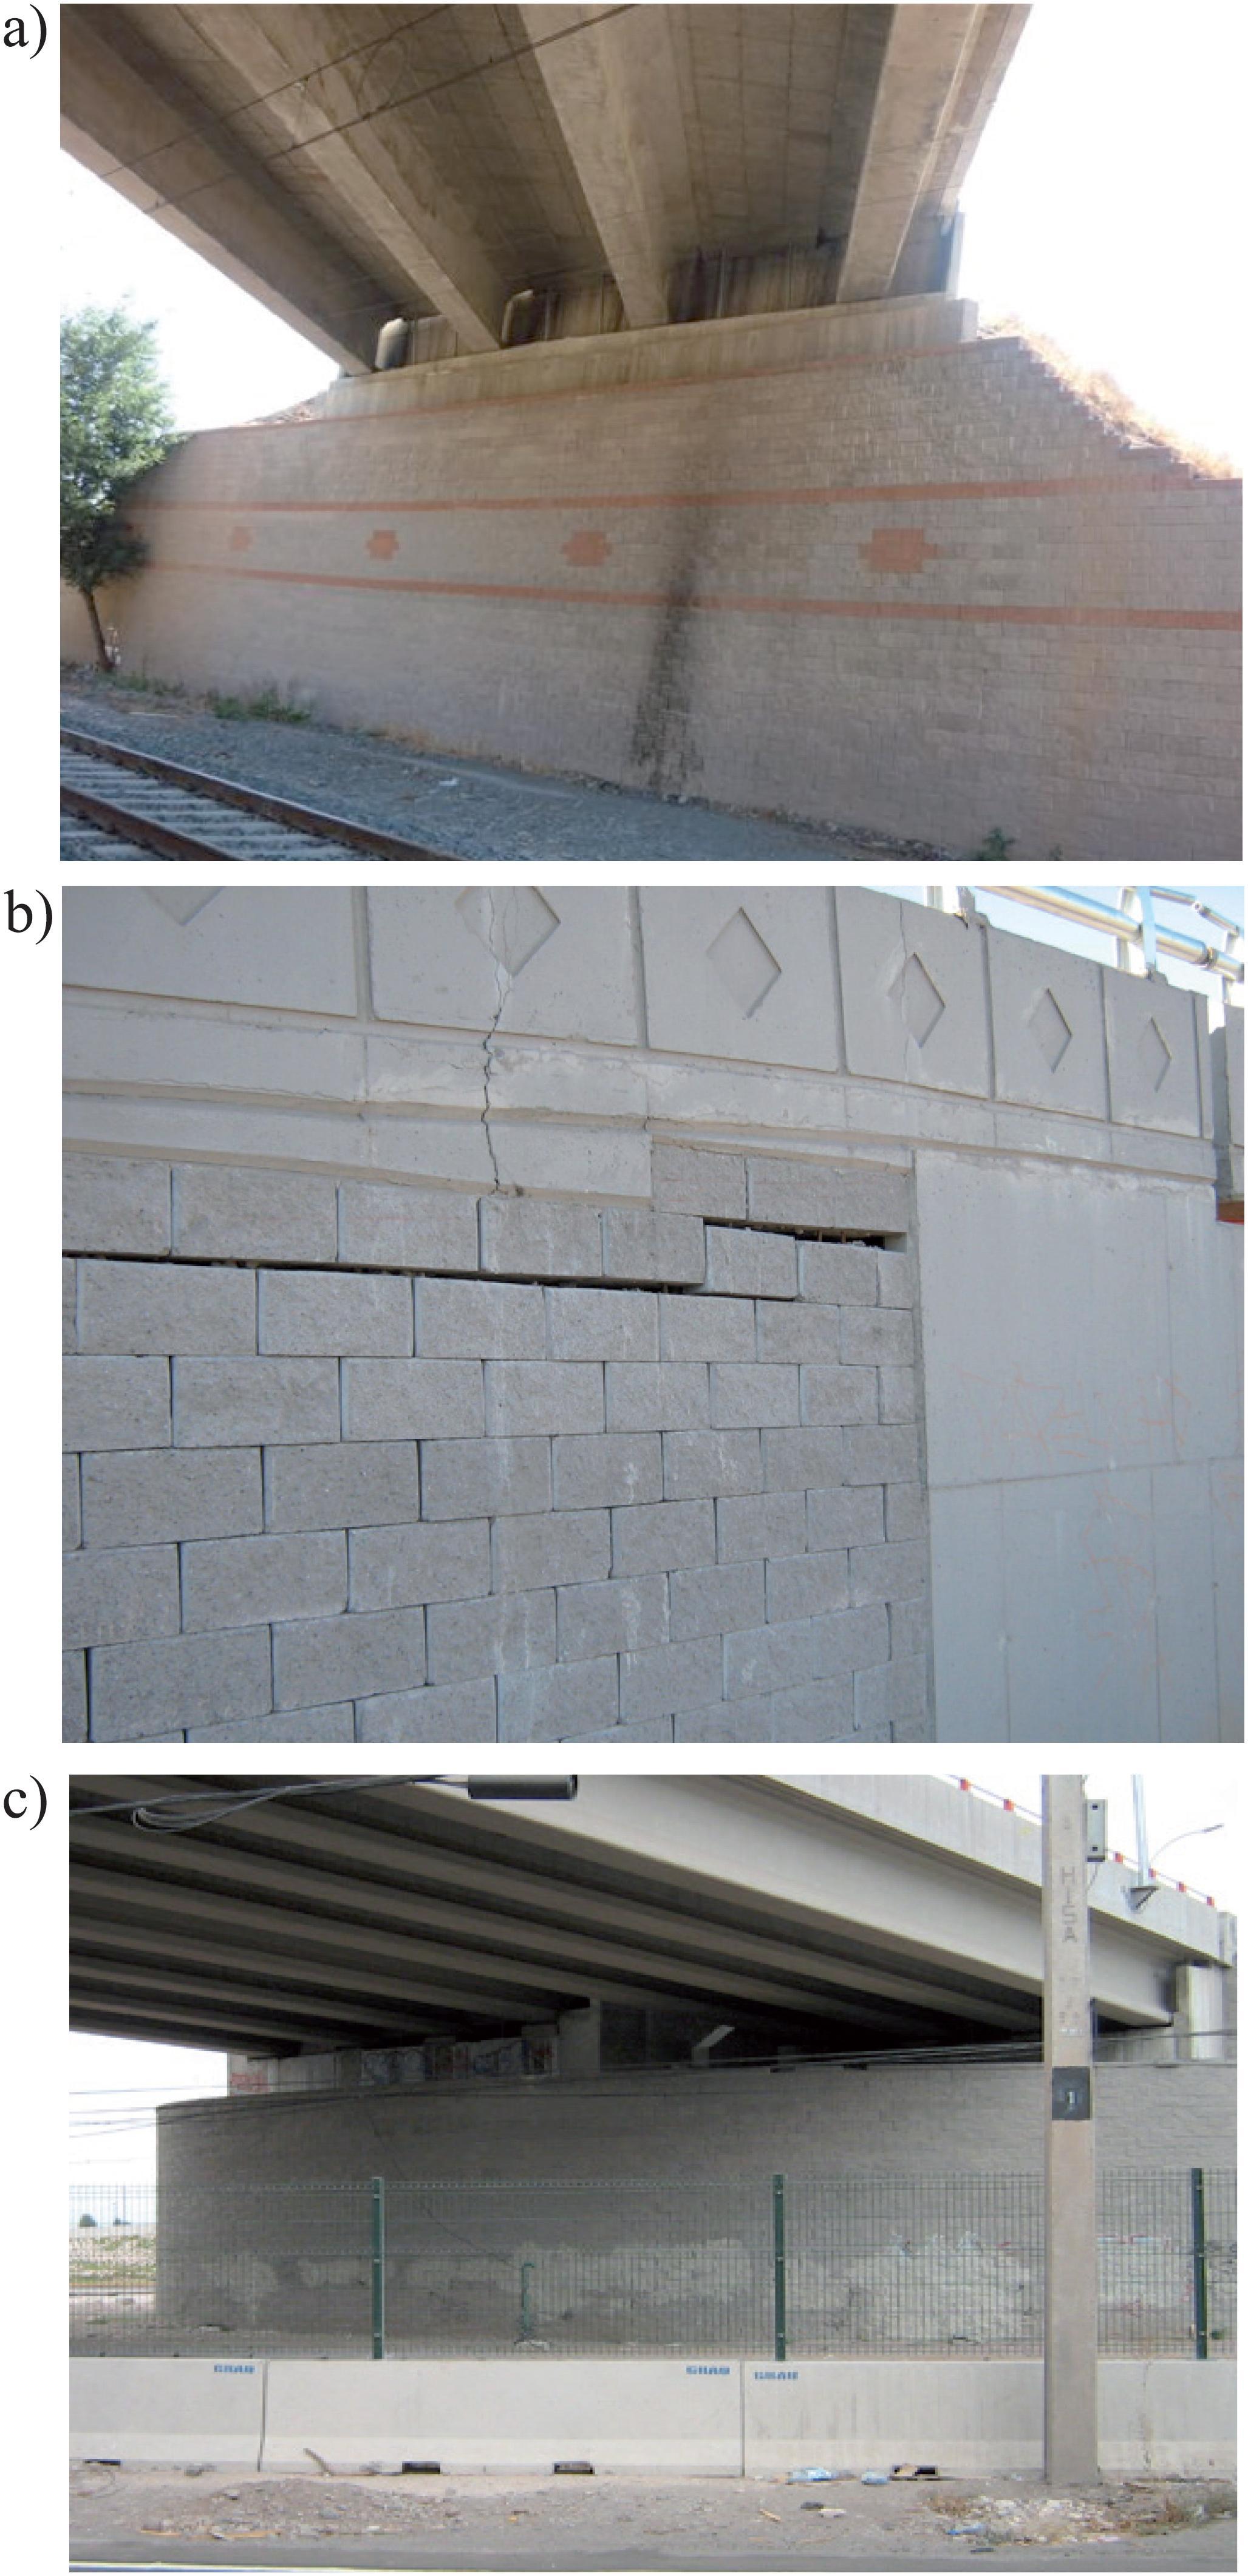 Estudio de la respuesta estática y sísmica de un muro de suelo